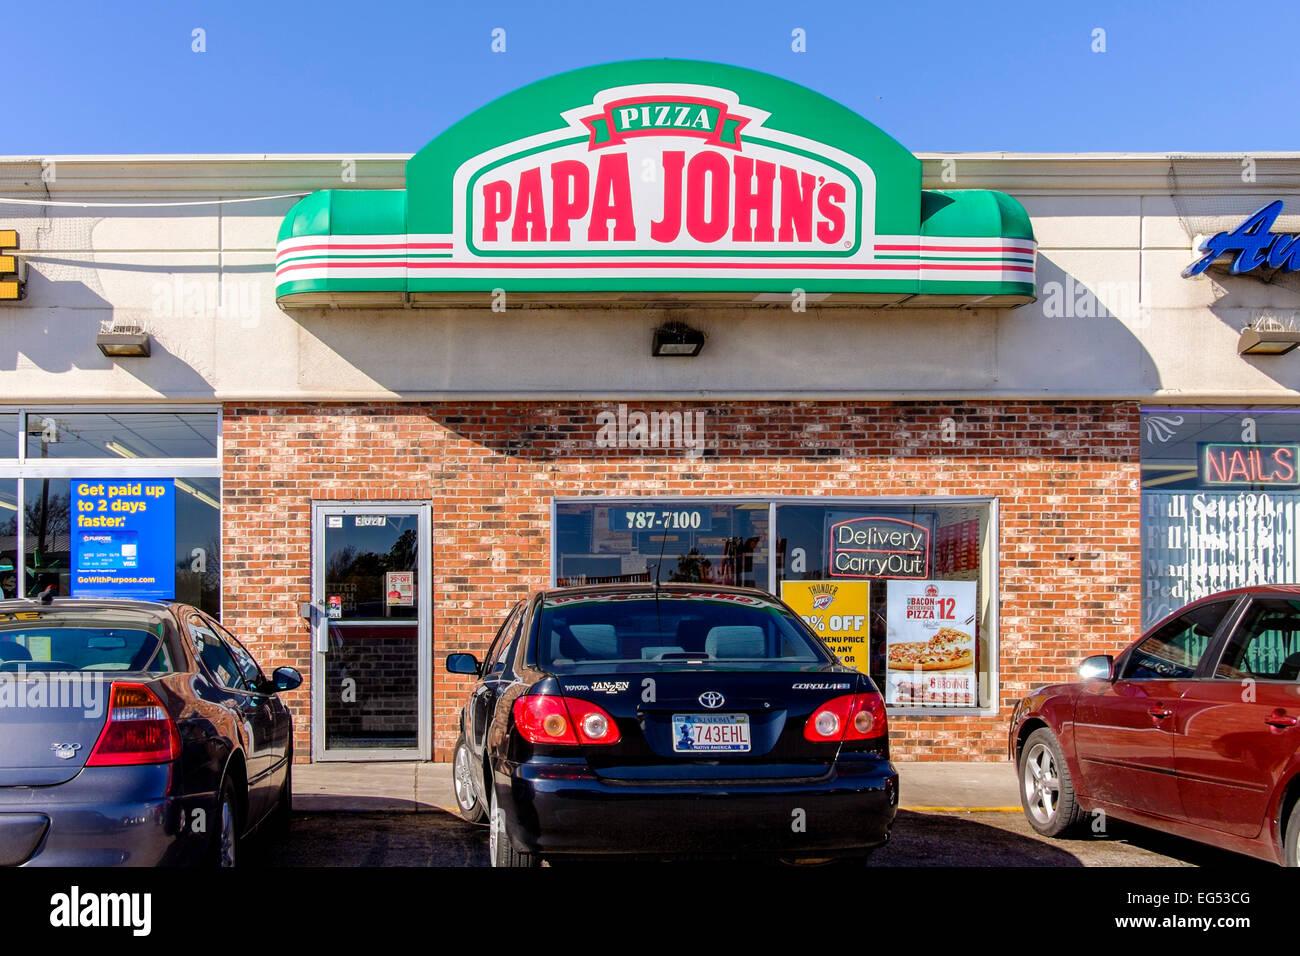 Papa johns pizza stock photos papa johns pizza stock - Papa john s pizza garden fresh pizza ...